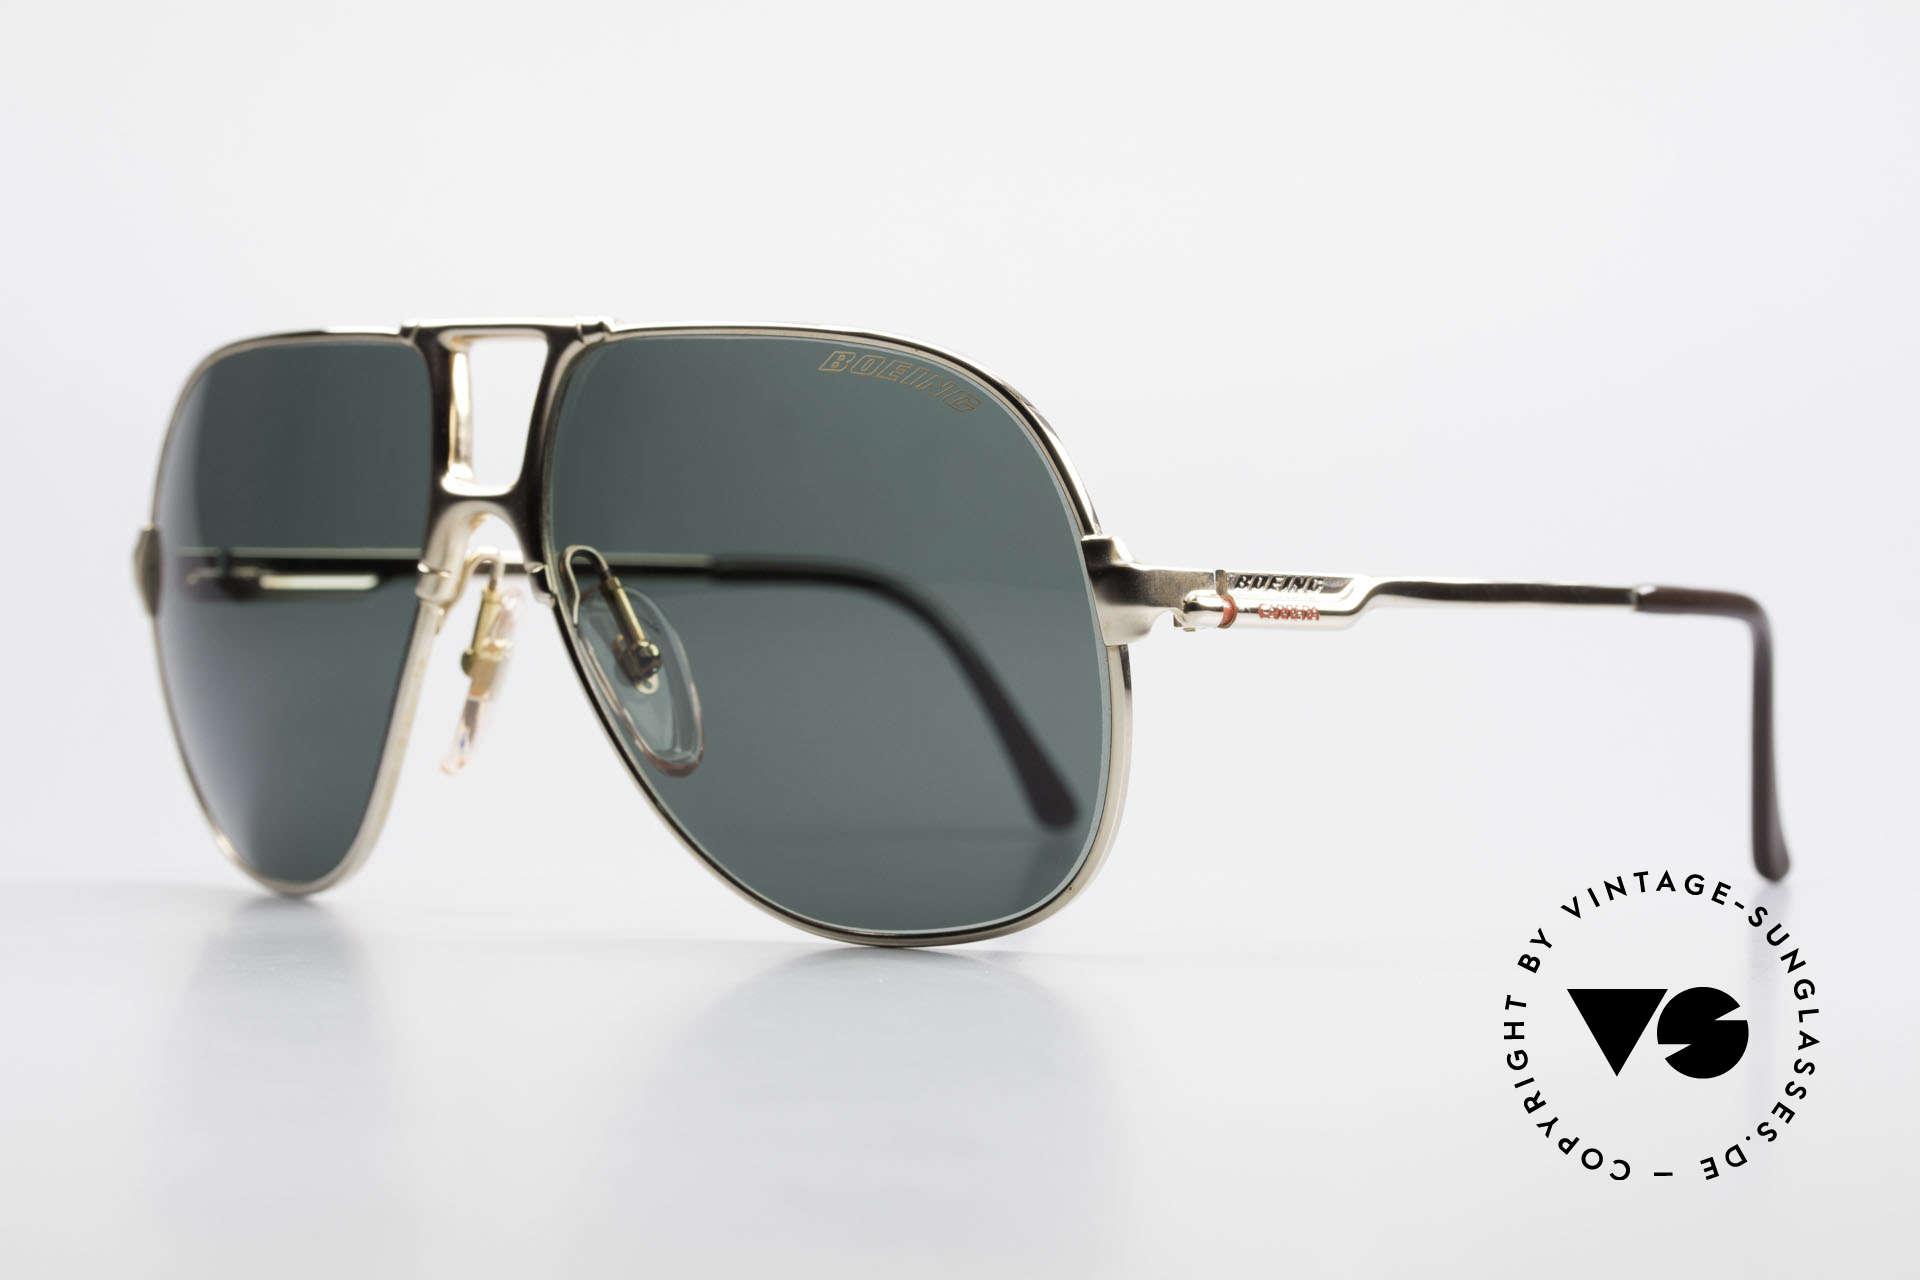 Boeing 5700 Große Alte 80er Piloten Brille, geniale Kombination von Funktionalität & Design, Passend für Herren